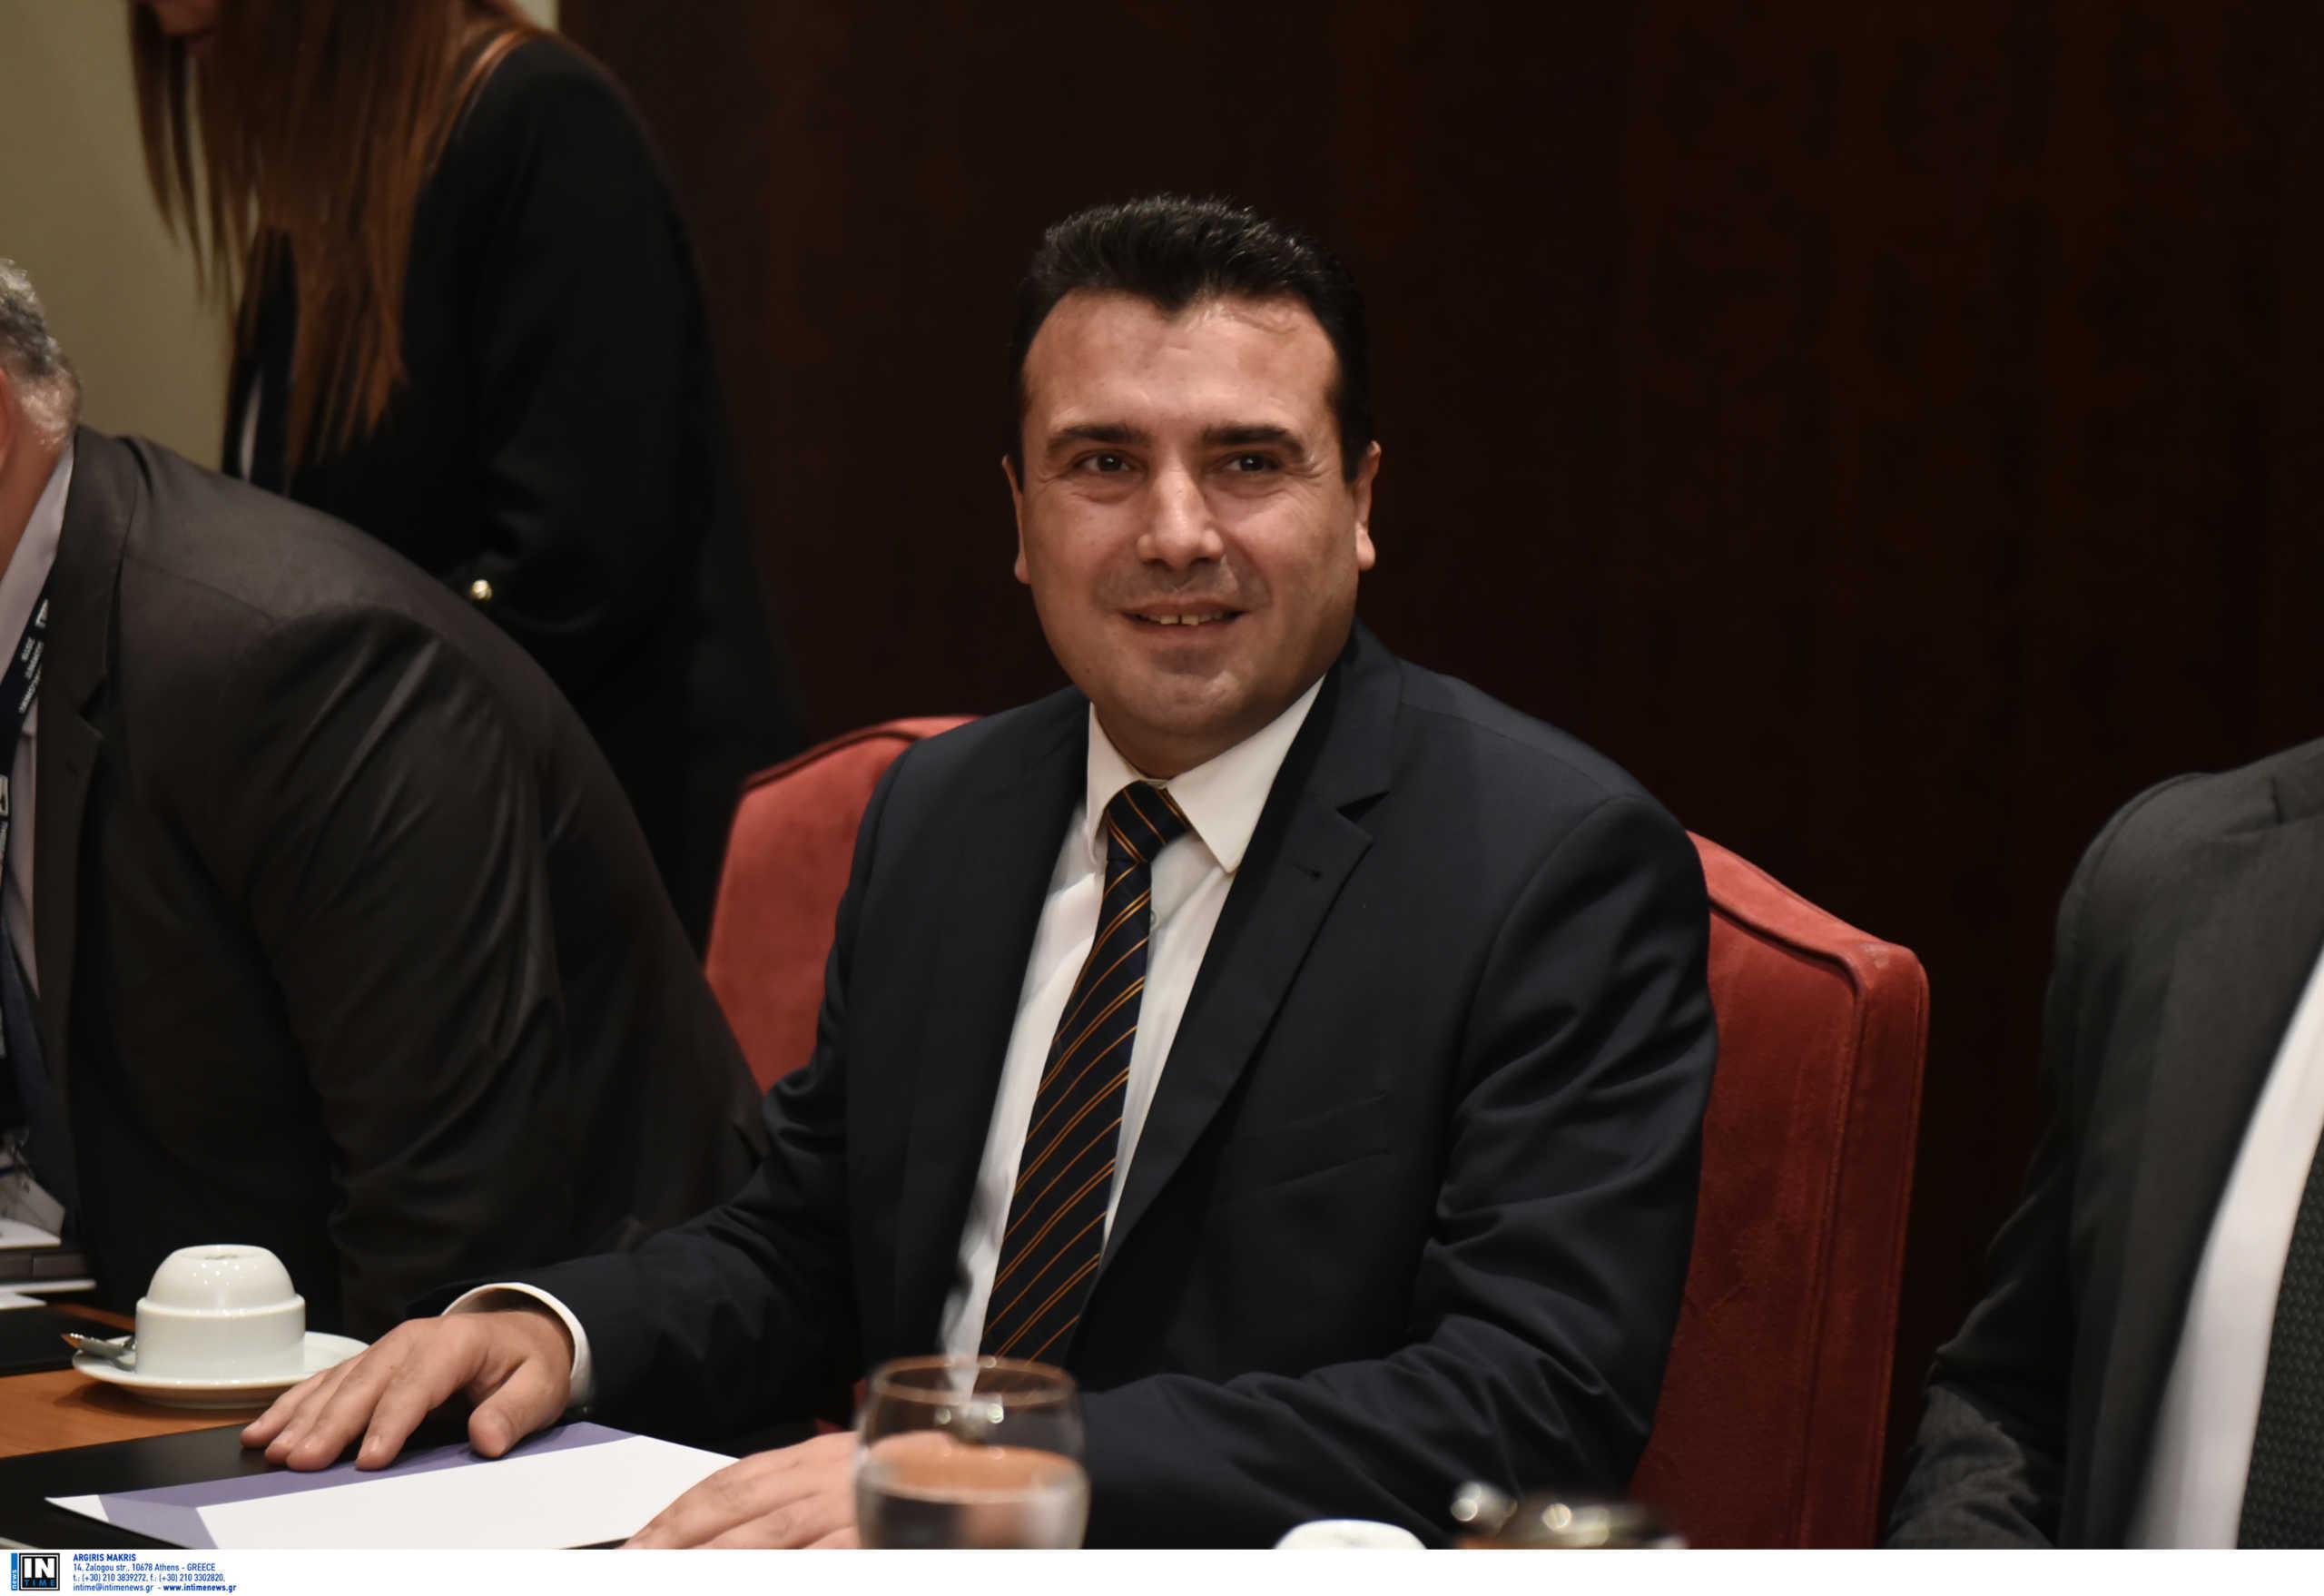 Βόρεια Μακεδονία: Σε αδιέξοδο οι συζητήσεις για την διεξαγωγή των εκλογών